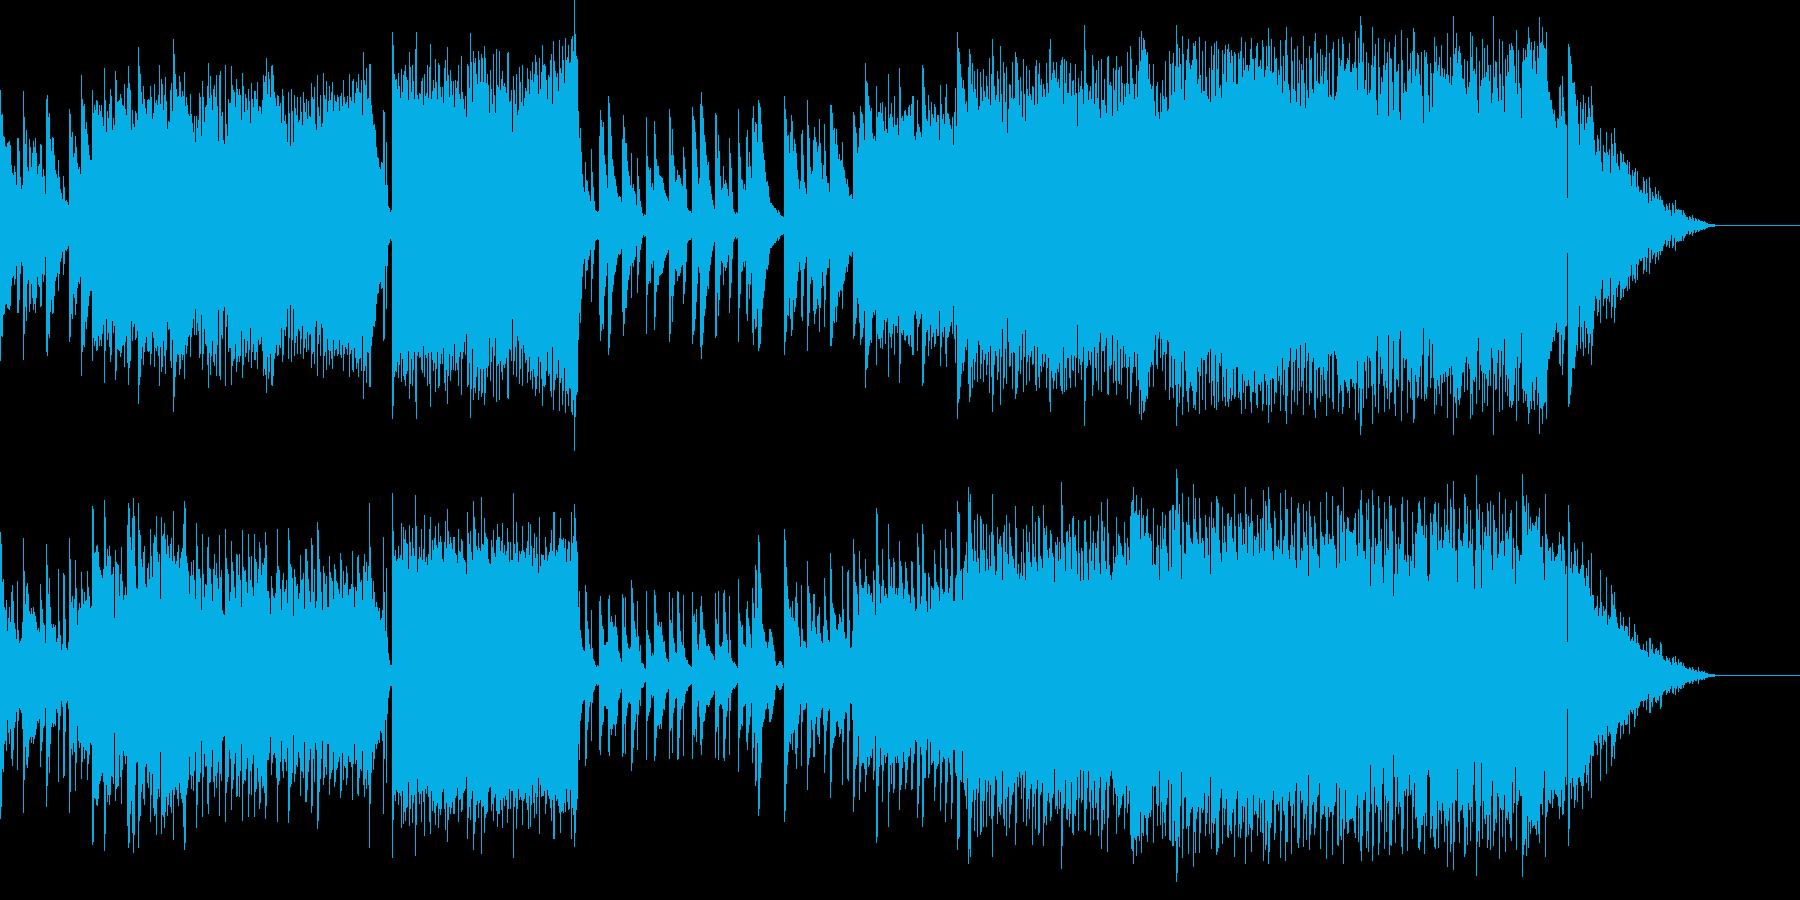 ピアノの旋律が印象的なラブバラードの再生済みの波形